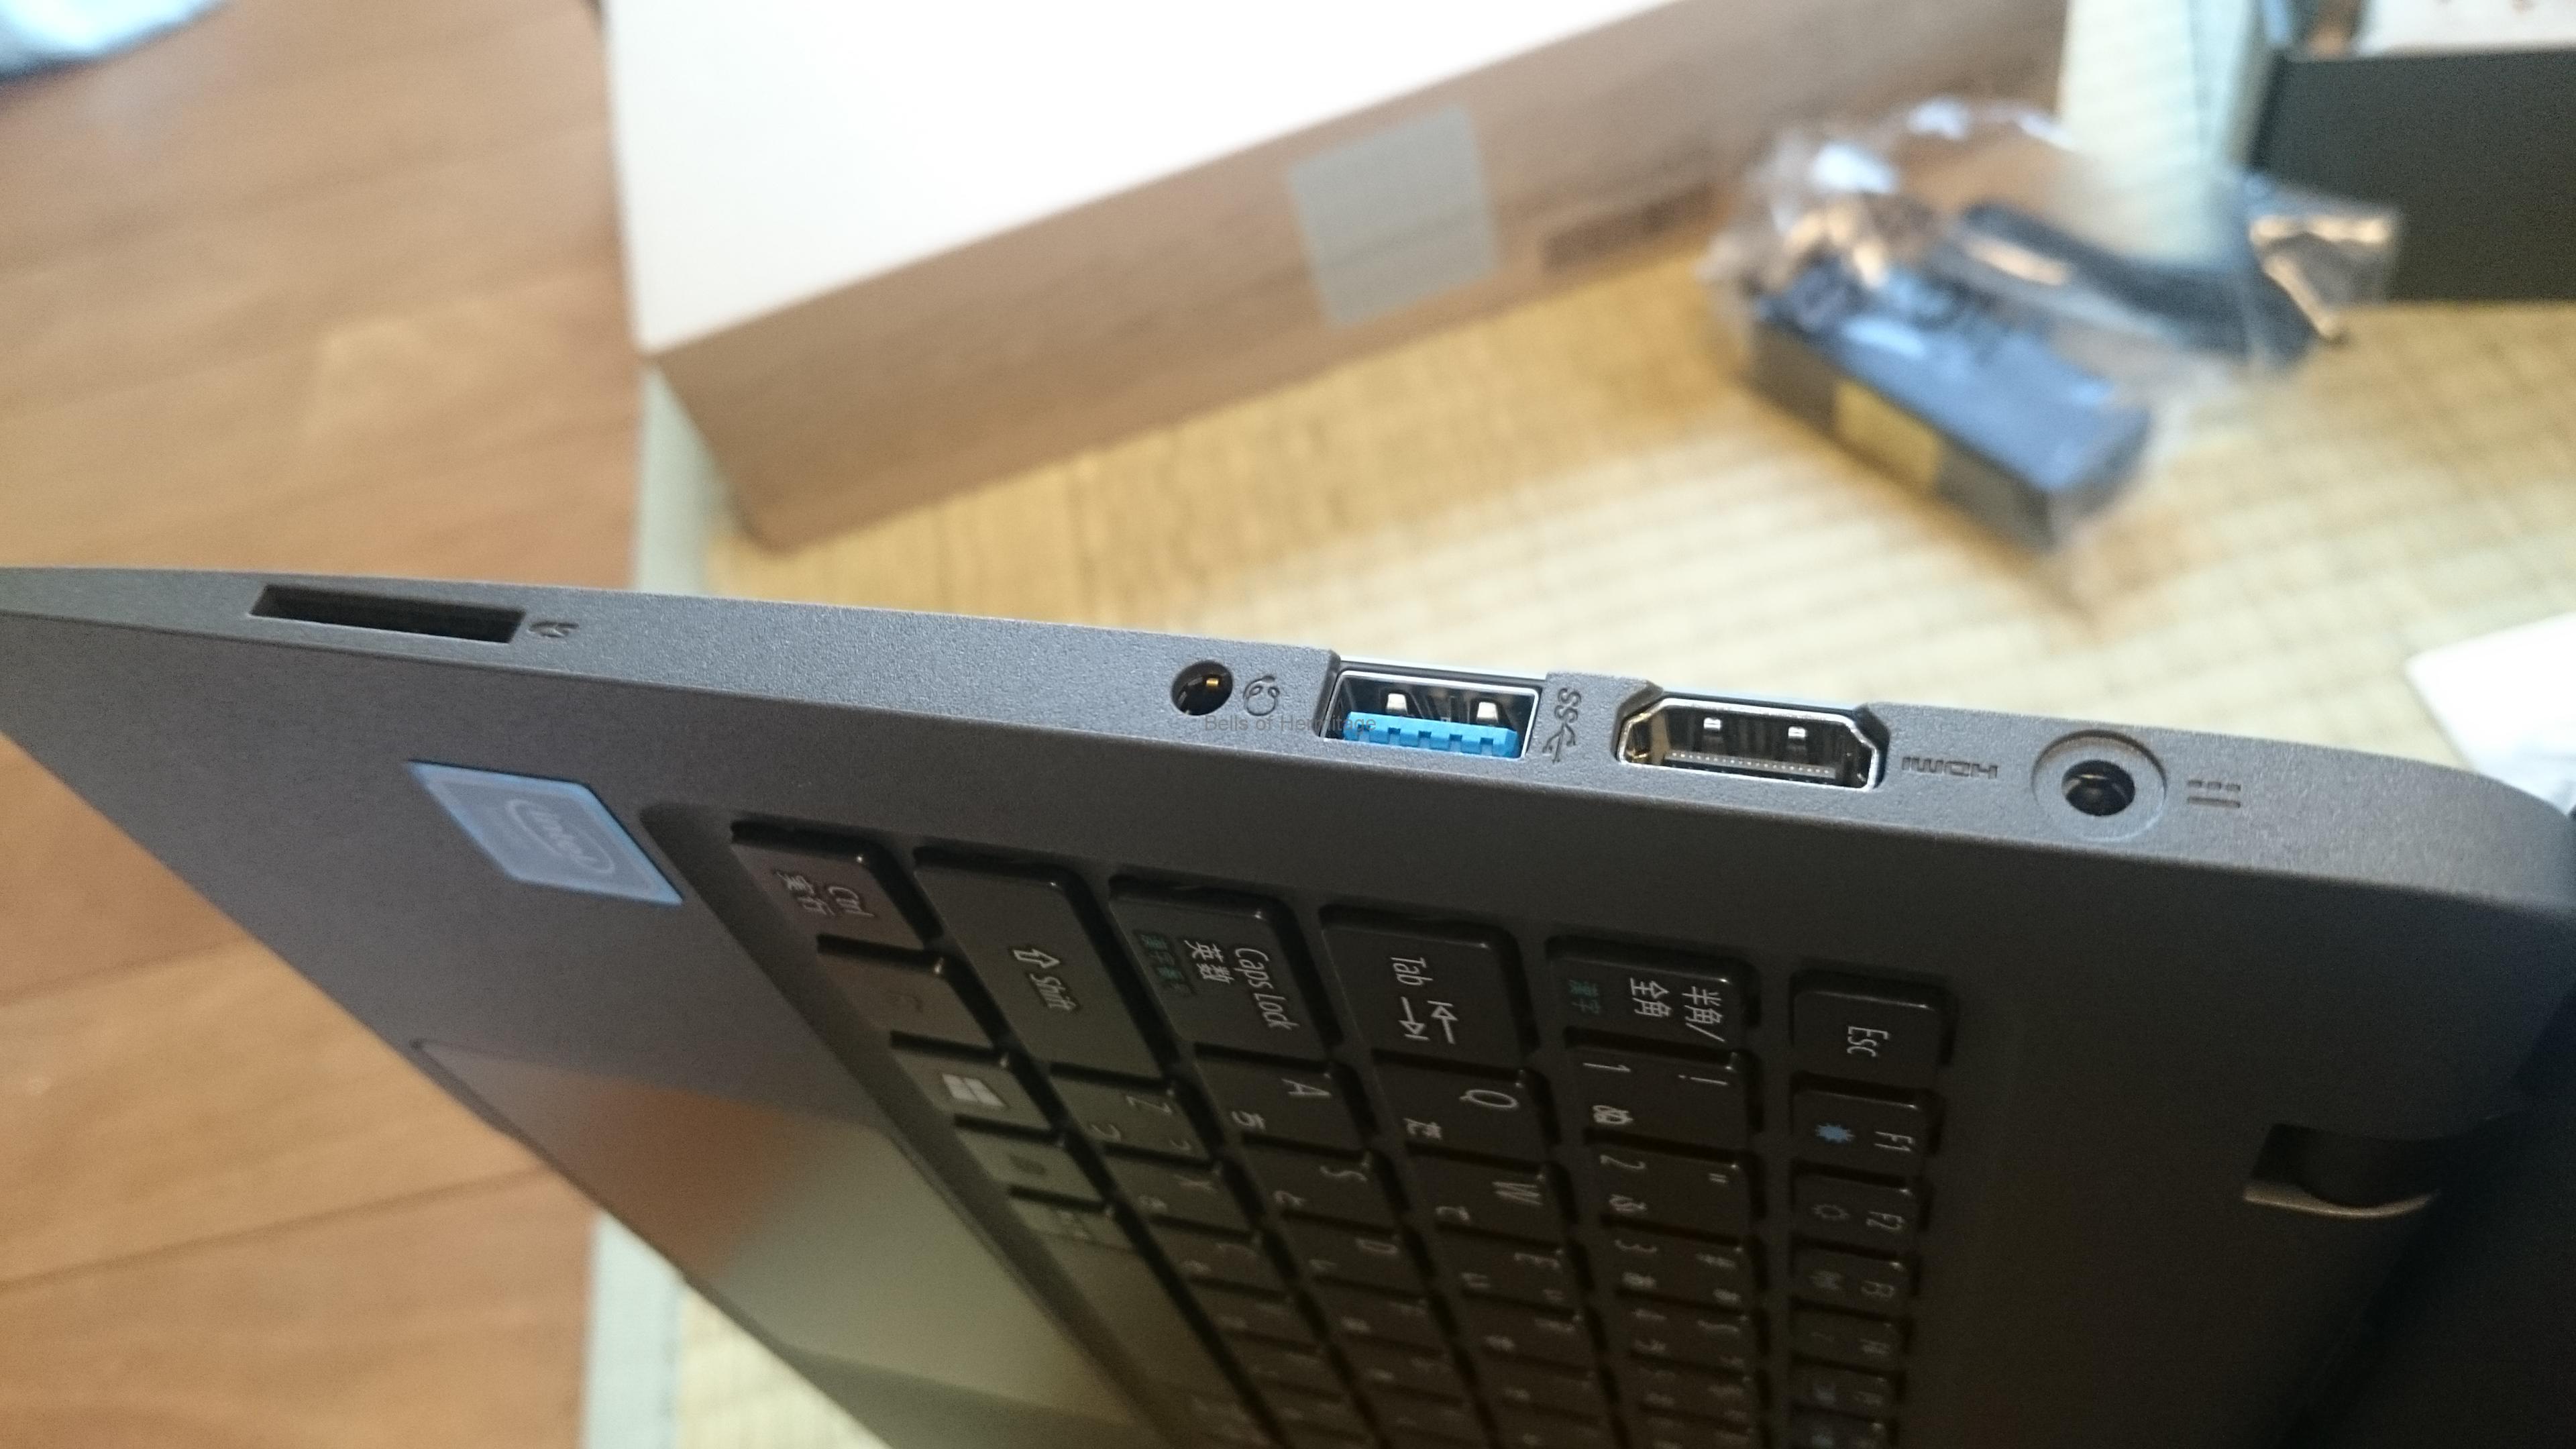 ノートPCにLAN端子とUSB端子を増設したい(1)IODATA US2-HB4ETXの購入